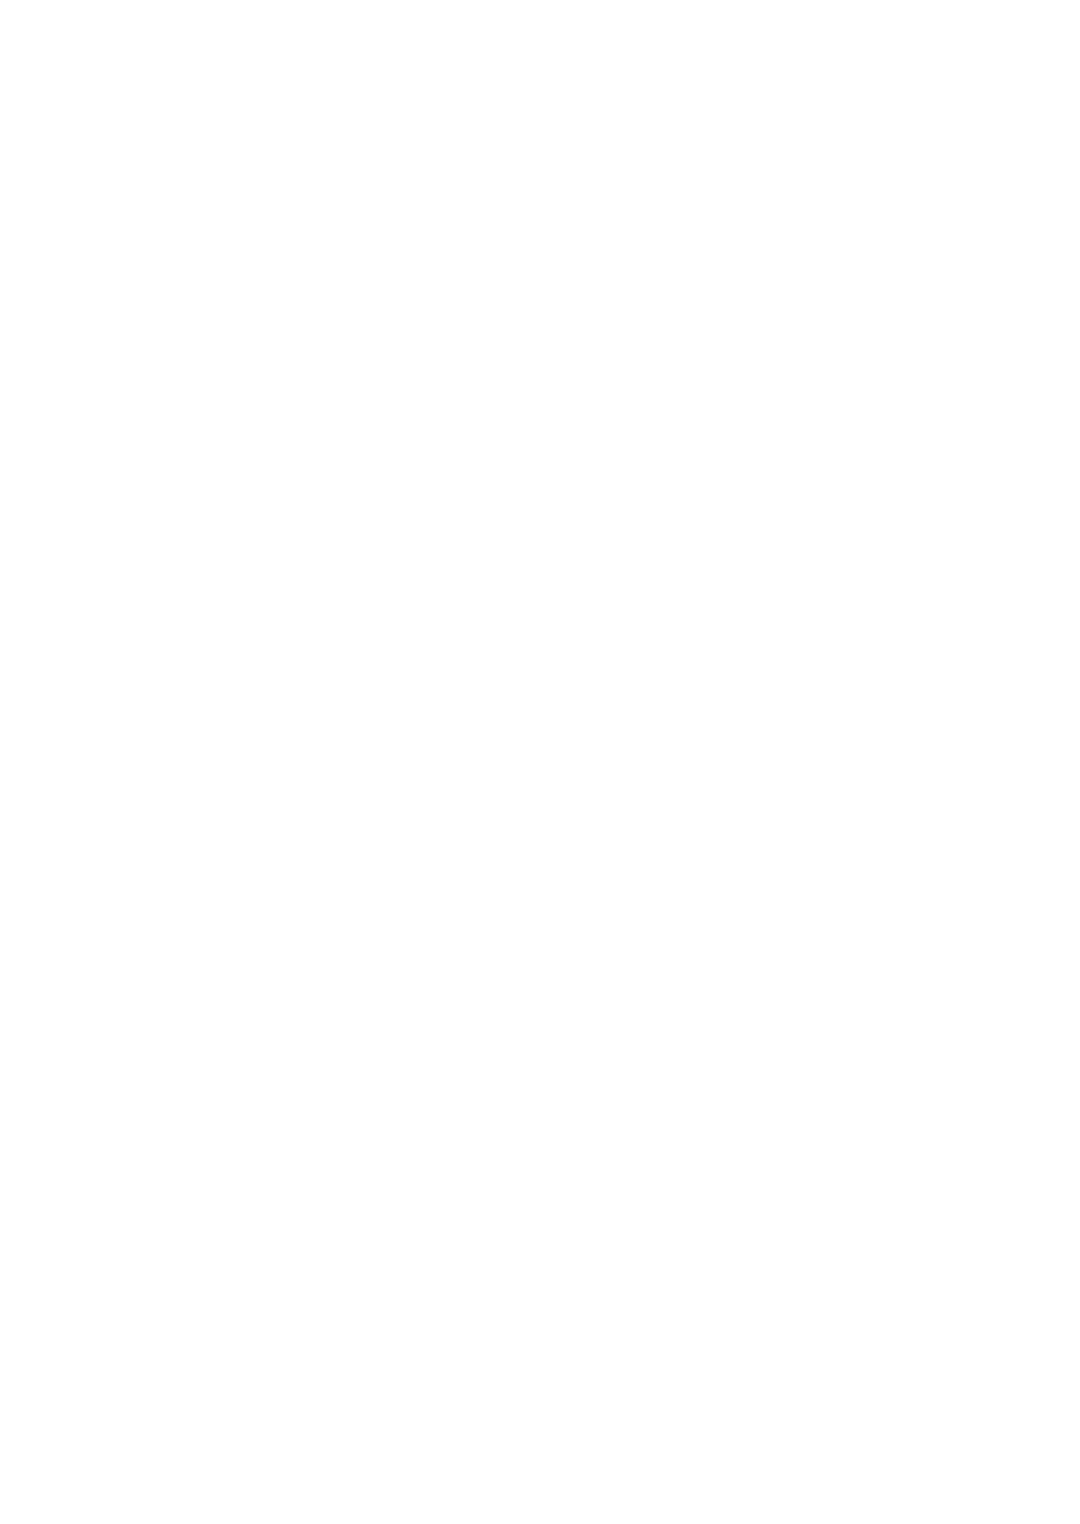 【エロ漫画】ご主人からエッチな事を受ける猫耳巨乳娘…ローターで責められた彼女はすっかりスイッチが入り、騎乗位で彼の上に跨っては腰を振りまくる!【わたあめのしずく:零れるは泡沫の雫】